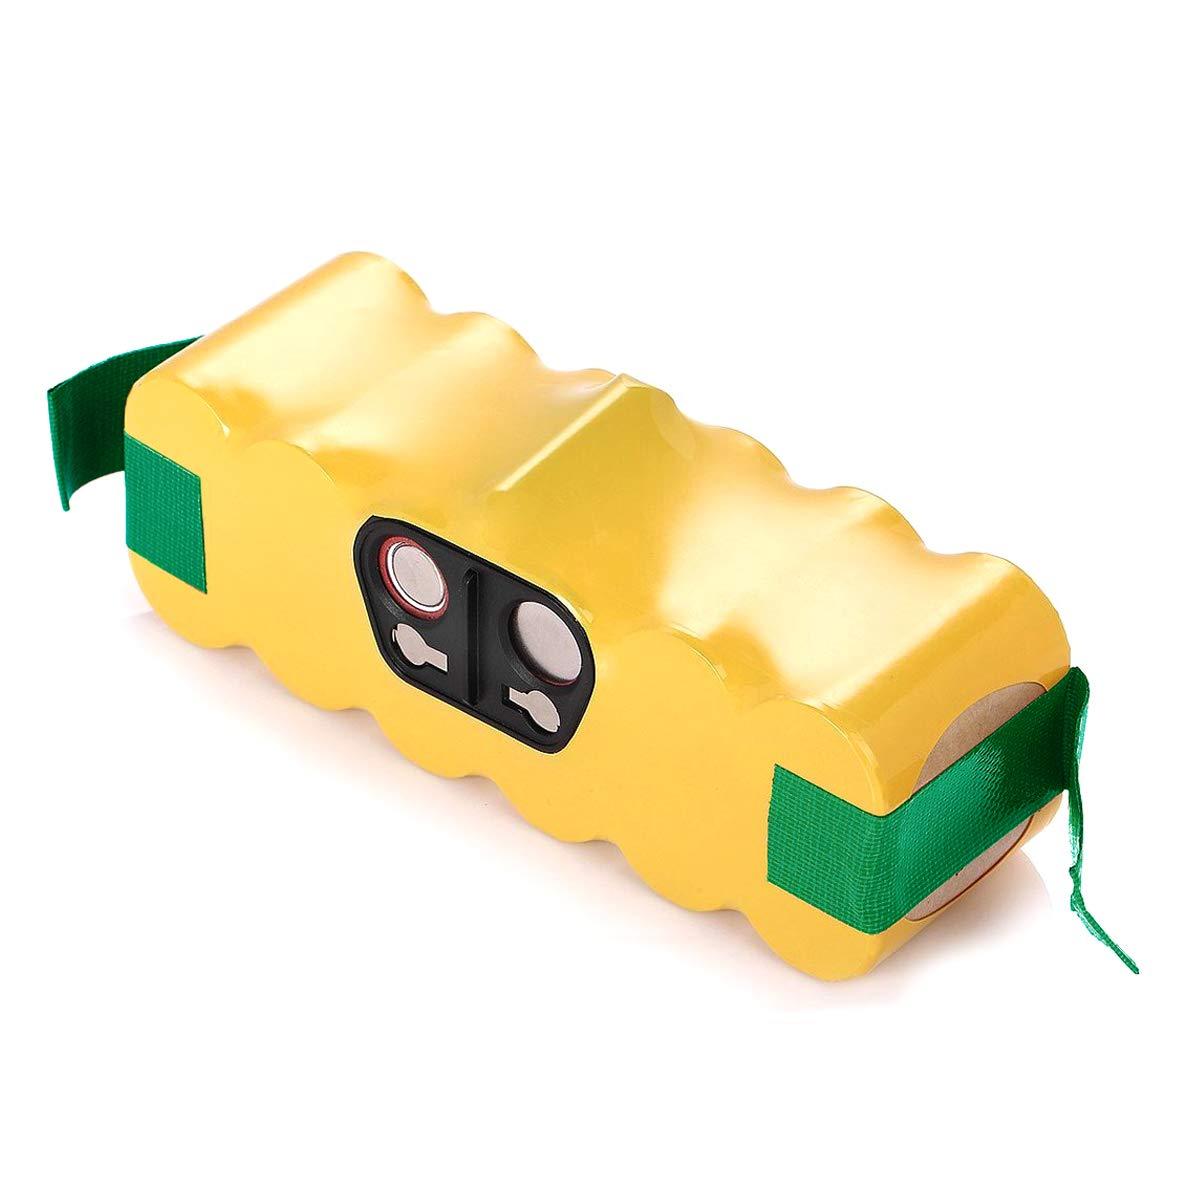 Jhuixang 3000mAh Ni-MH Battery for iRobot Roomba R3 500 600 700 800 900 Series 500 510 530 531 532 535 536 540 550 552 560 562 570 580 595 600 620 630 650 660 700 760 770 780 790 800 870 880 900 980